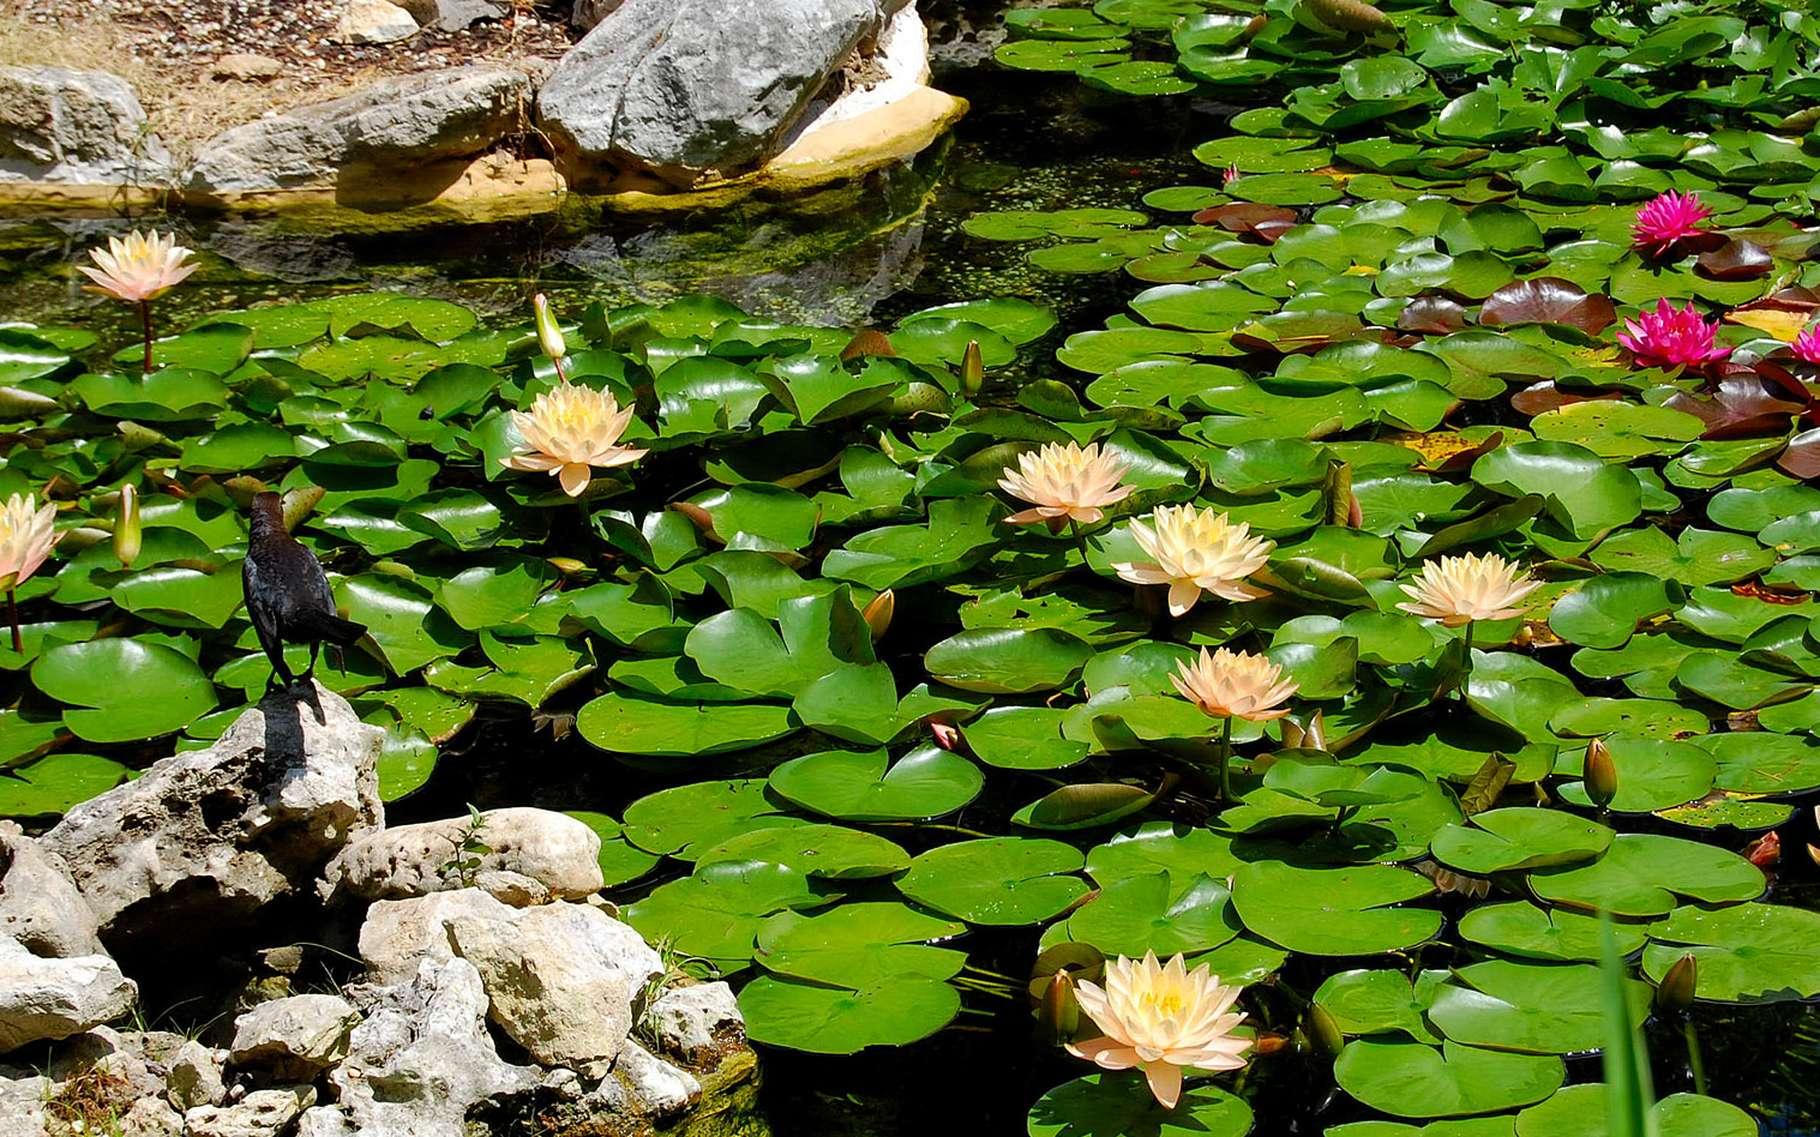 Construire Son Bassin De Jardin l'entretien du bassin de jardin mois par mois | dossier